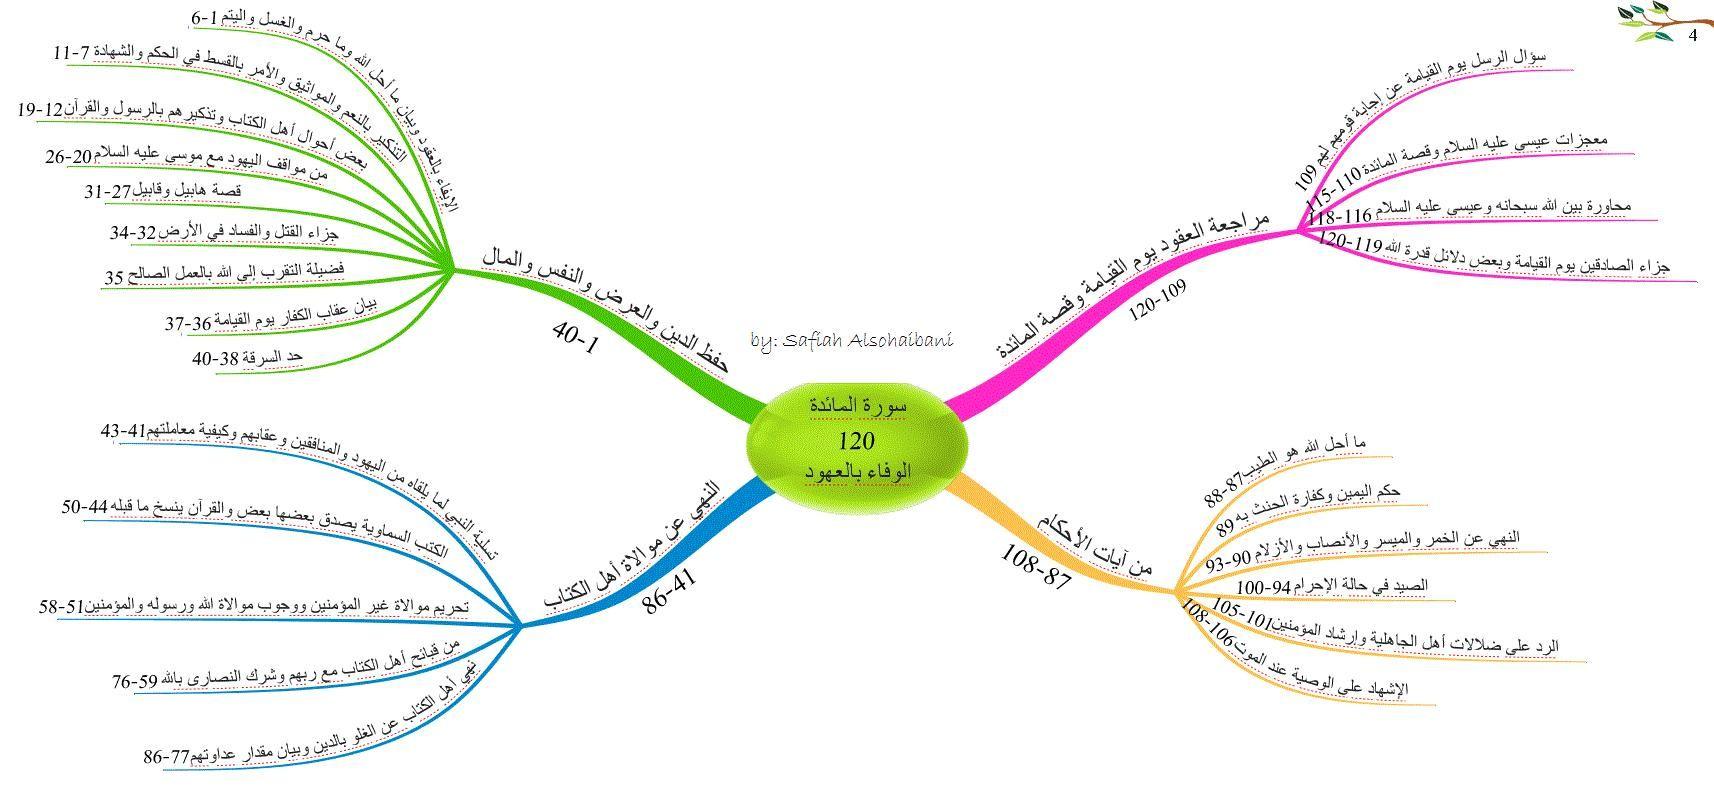 الخرائط الذهنية لسور القرأن الكريم سورة المائدة Mind Map Mental Map Quran